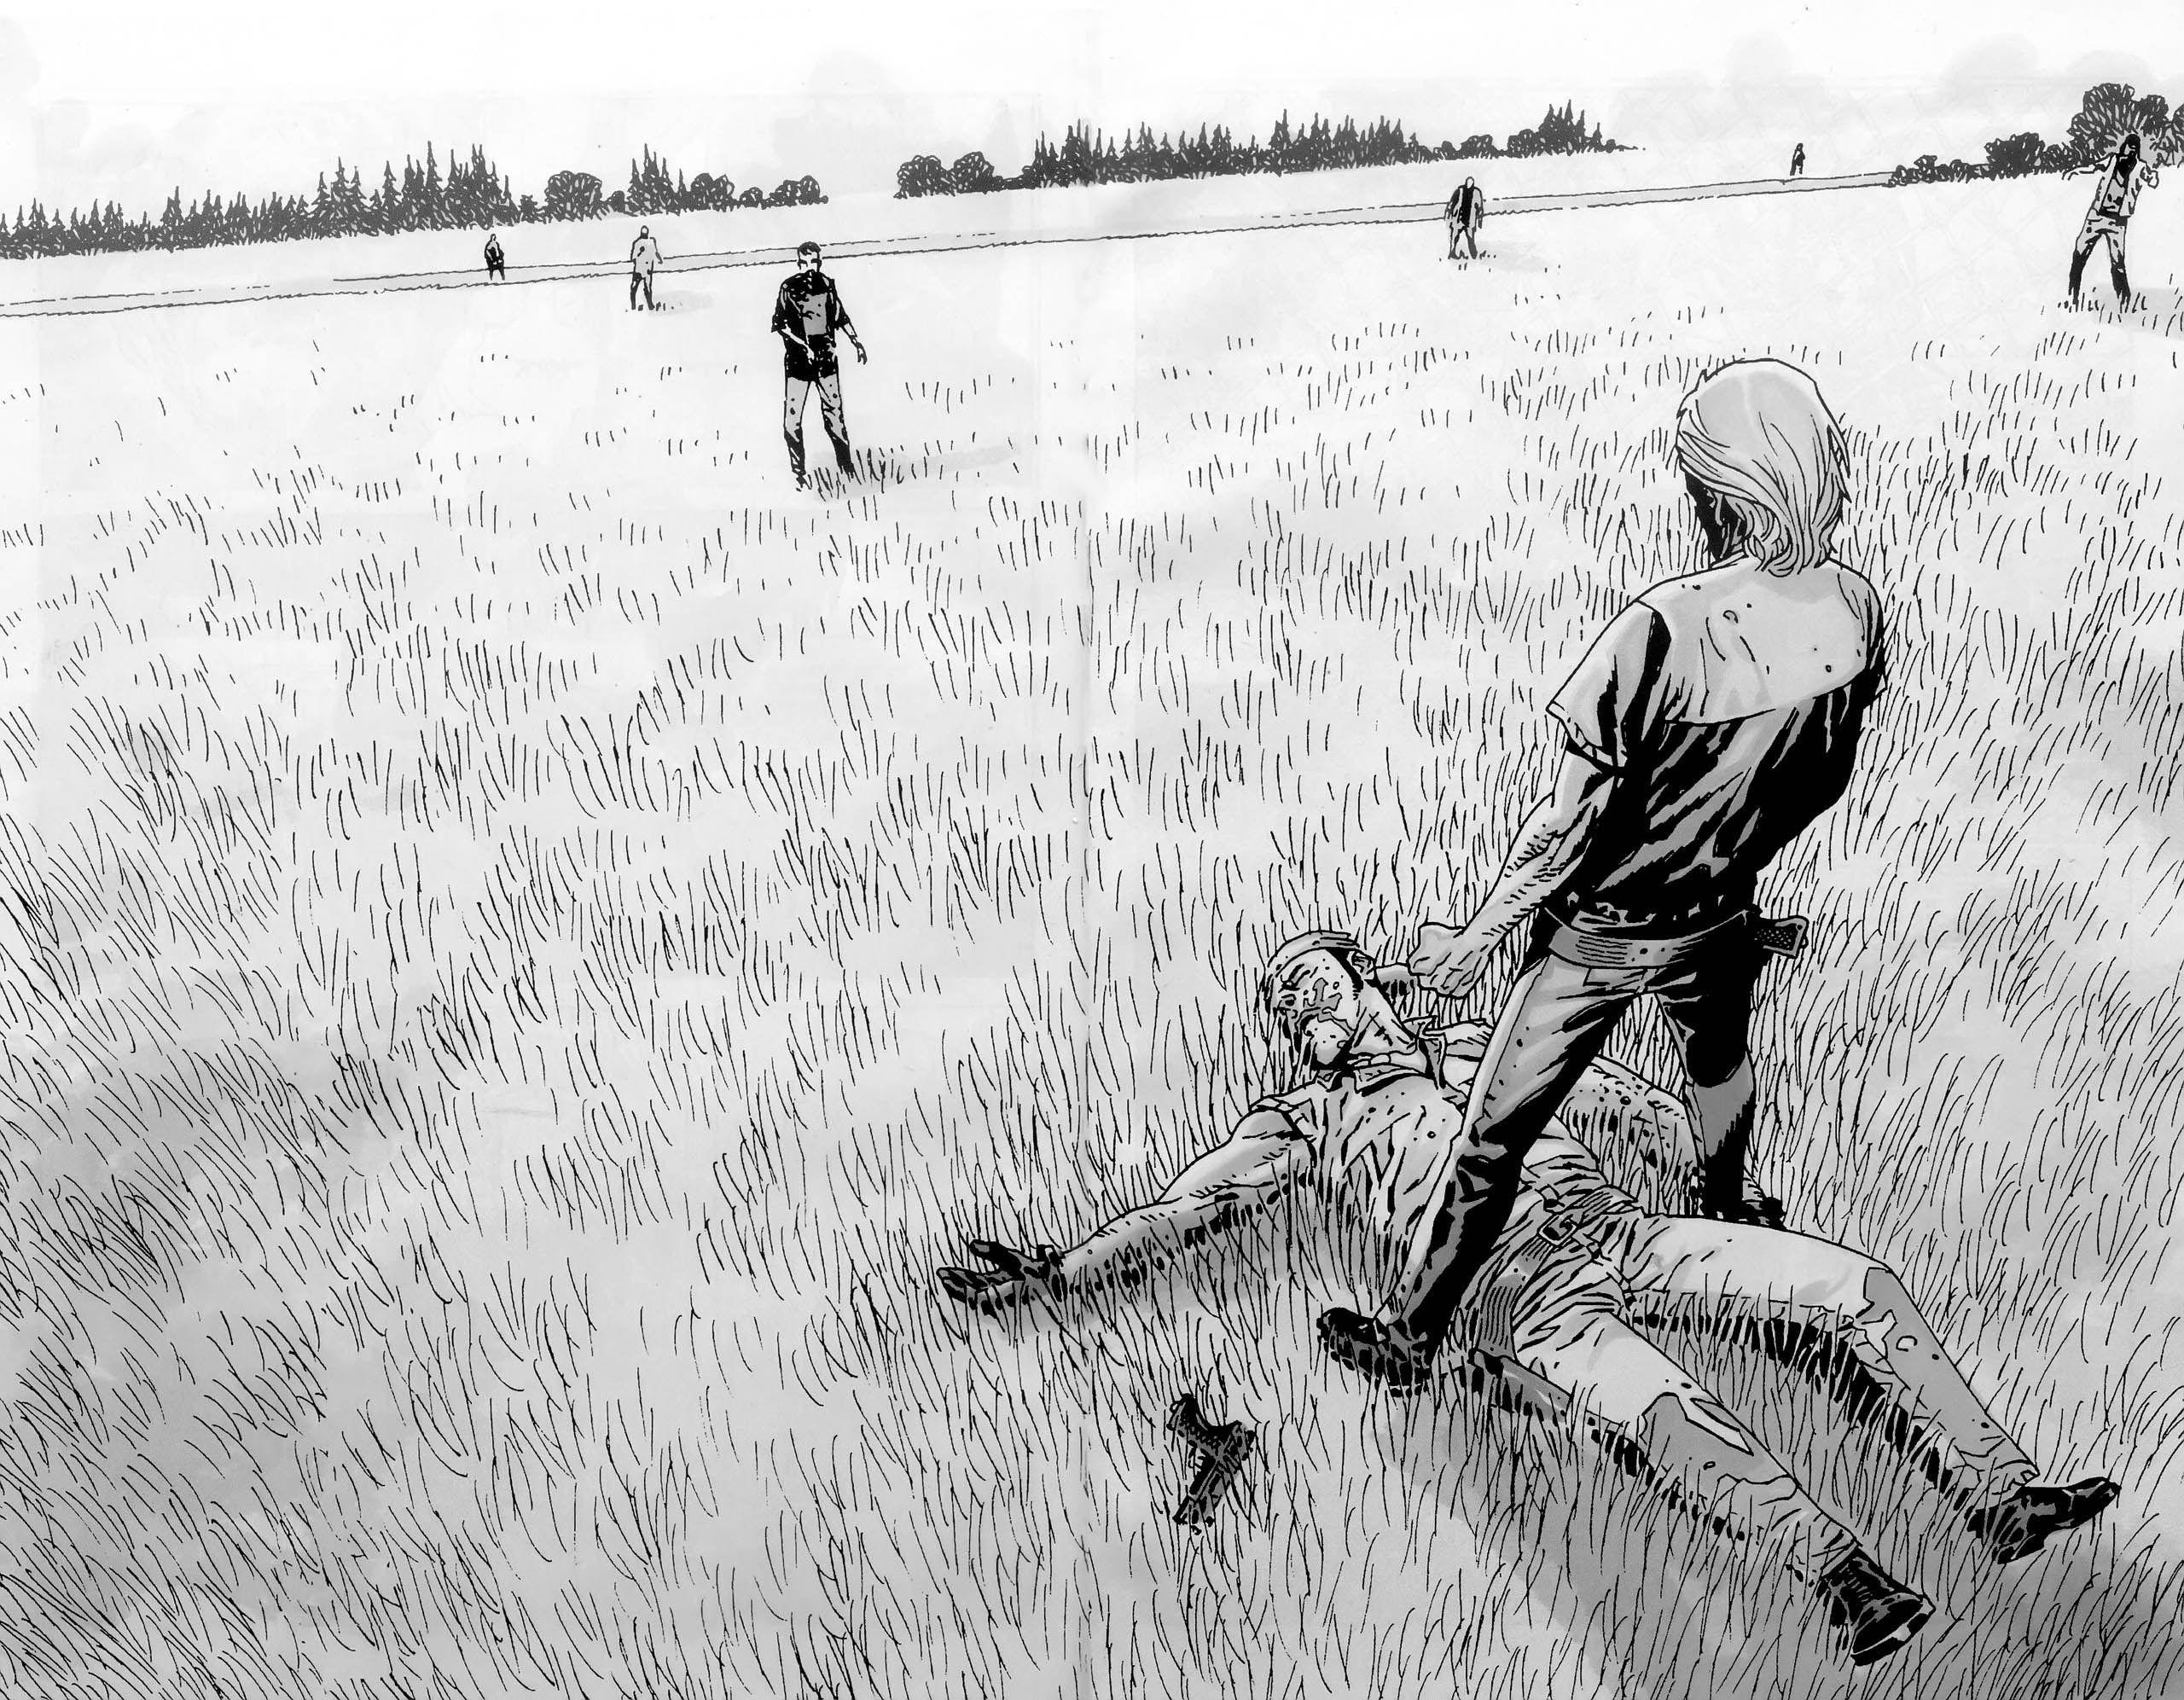 Walking Dead Wallpaper X